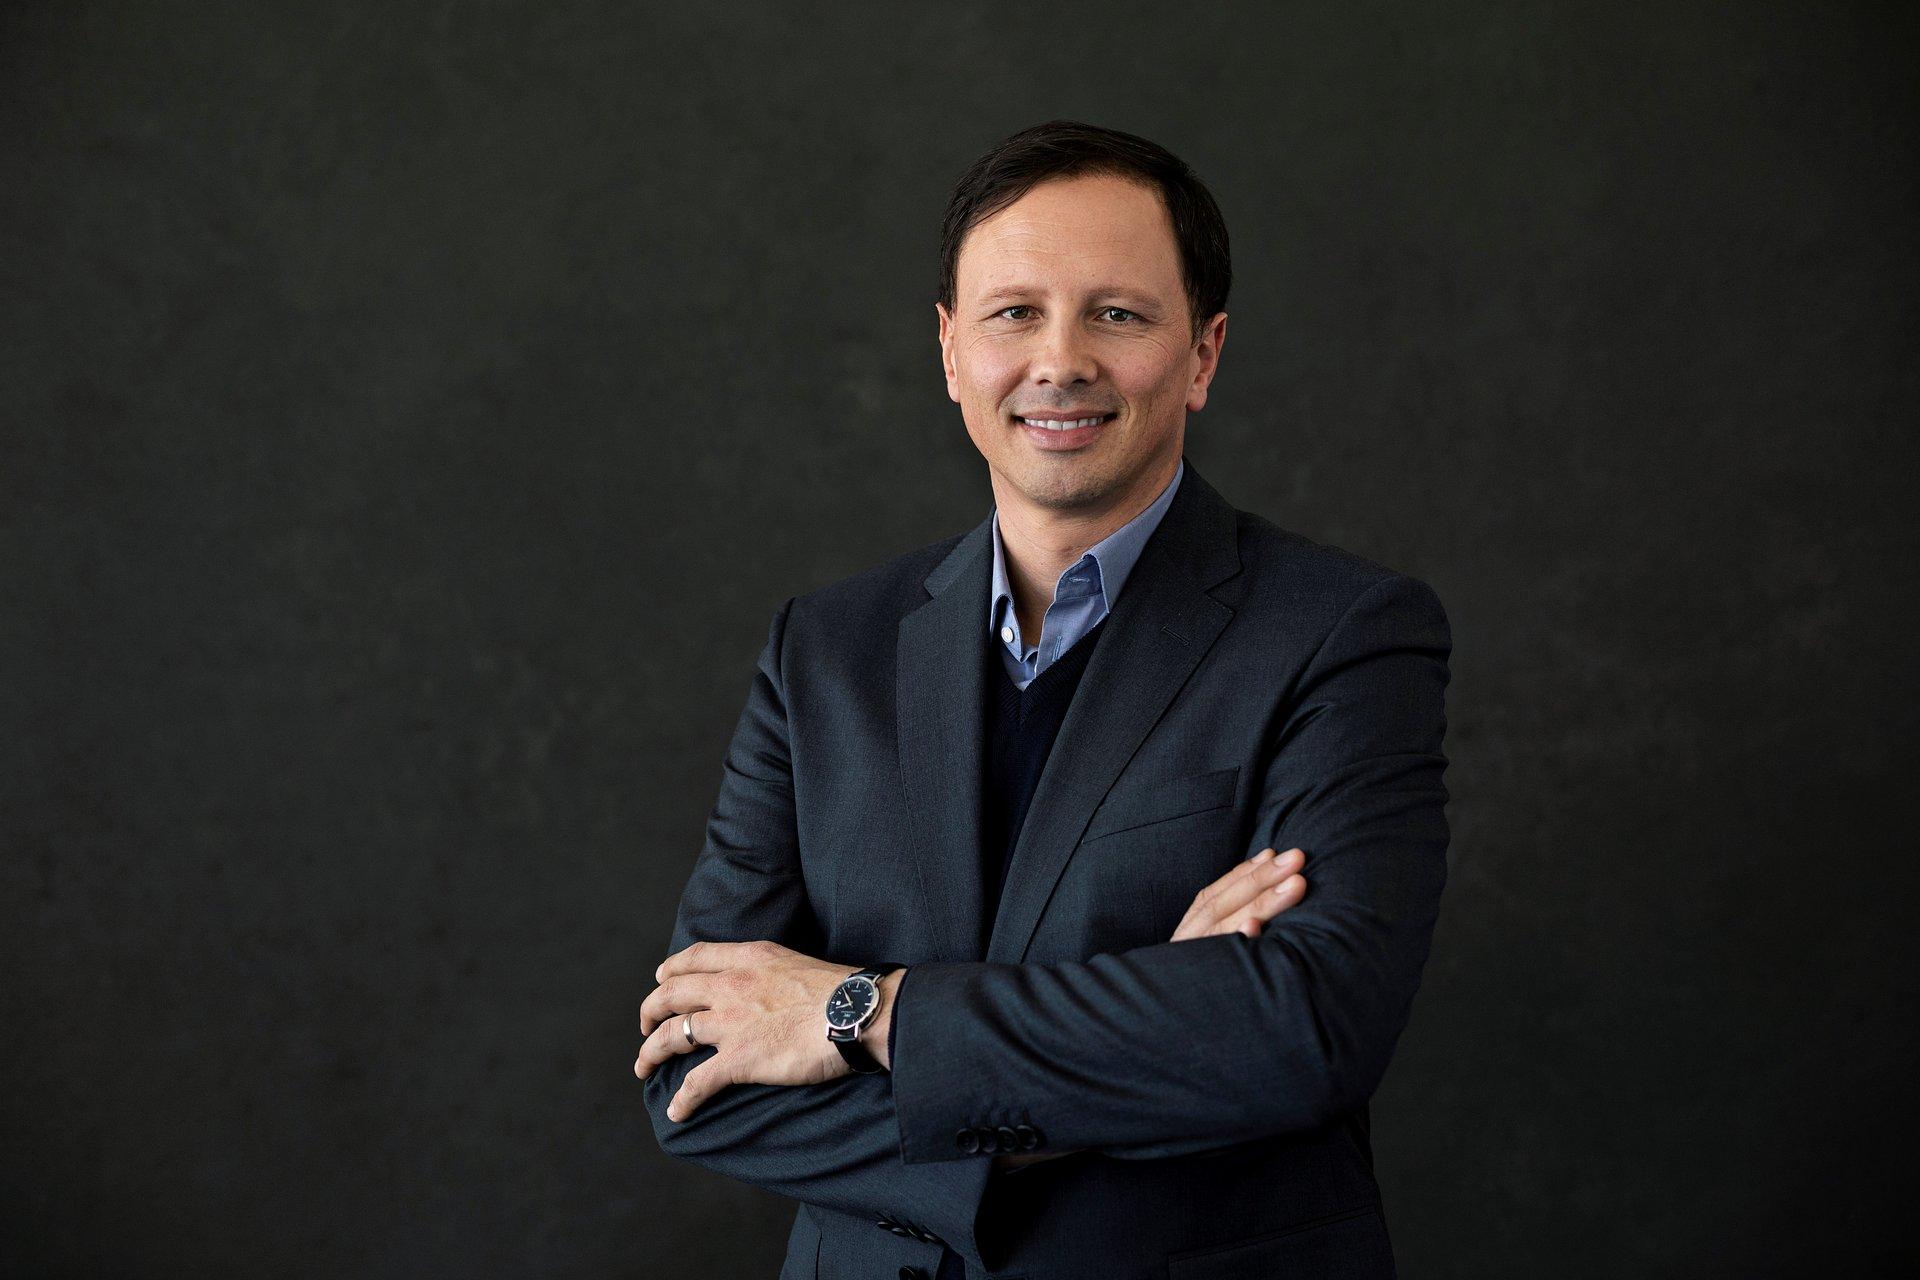 LUCA SELVATICI VERLÄSST DIE SPORTMARKE ARENA.   PETER GRASCHI WIRD NEUER CEO.